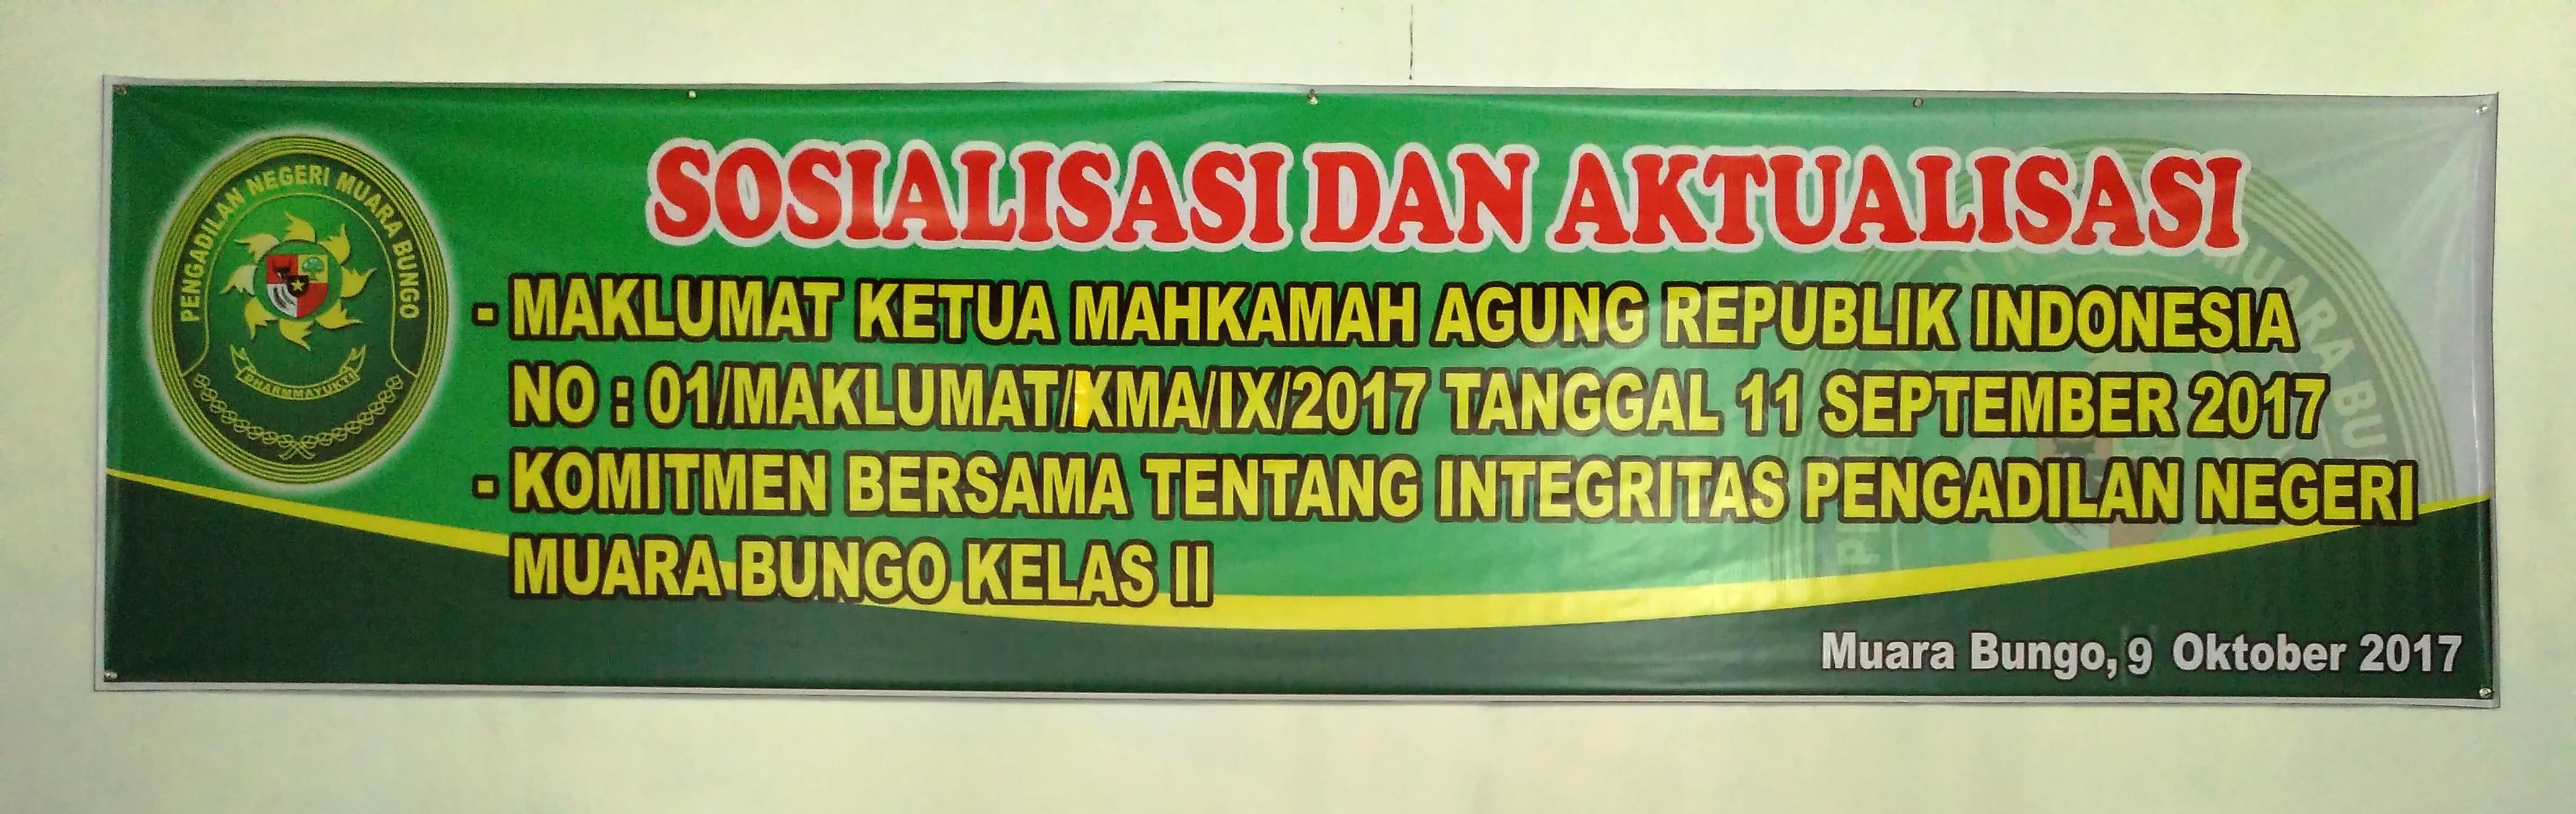 Sosialisasi Maklumat MARI No. 01/MAKLUMAT/KMA/IX/2017 Dan Ikrar Bersama PN. Muara Bungo